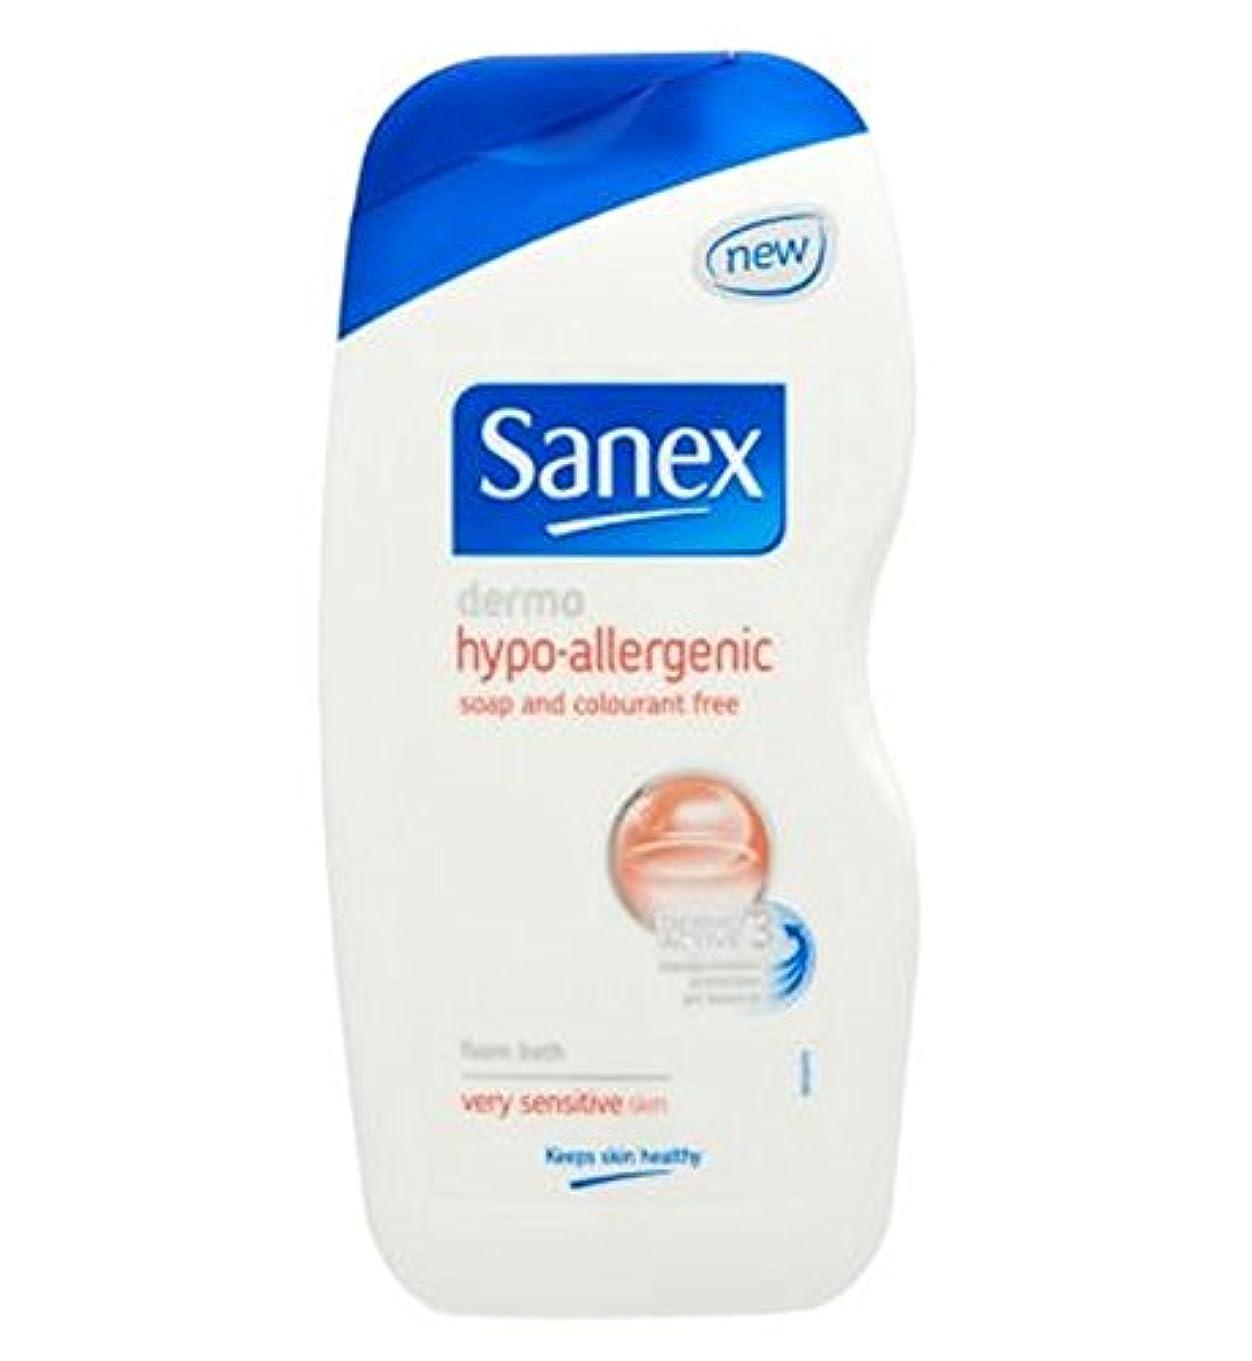 Sanex Dermo Hypo Allergenic Very Sensitive Skin Foam Bath 500ml - Sanex真皮ハイポアレルギーの非常に敏感肌の泡風呂500ミリリットル (Sanex)...